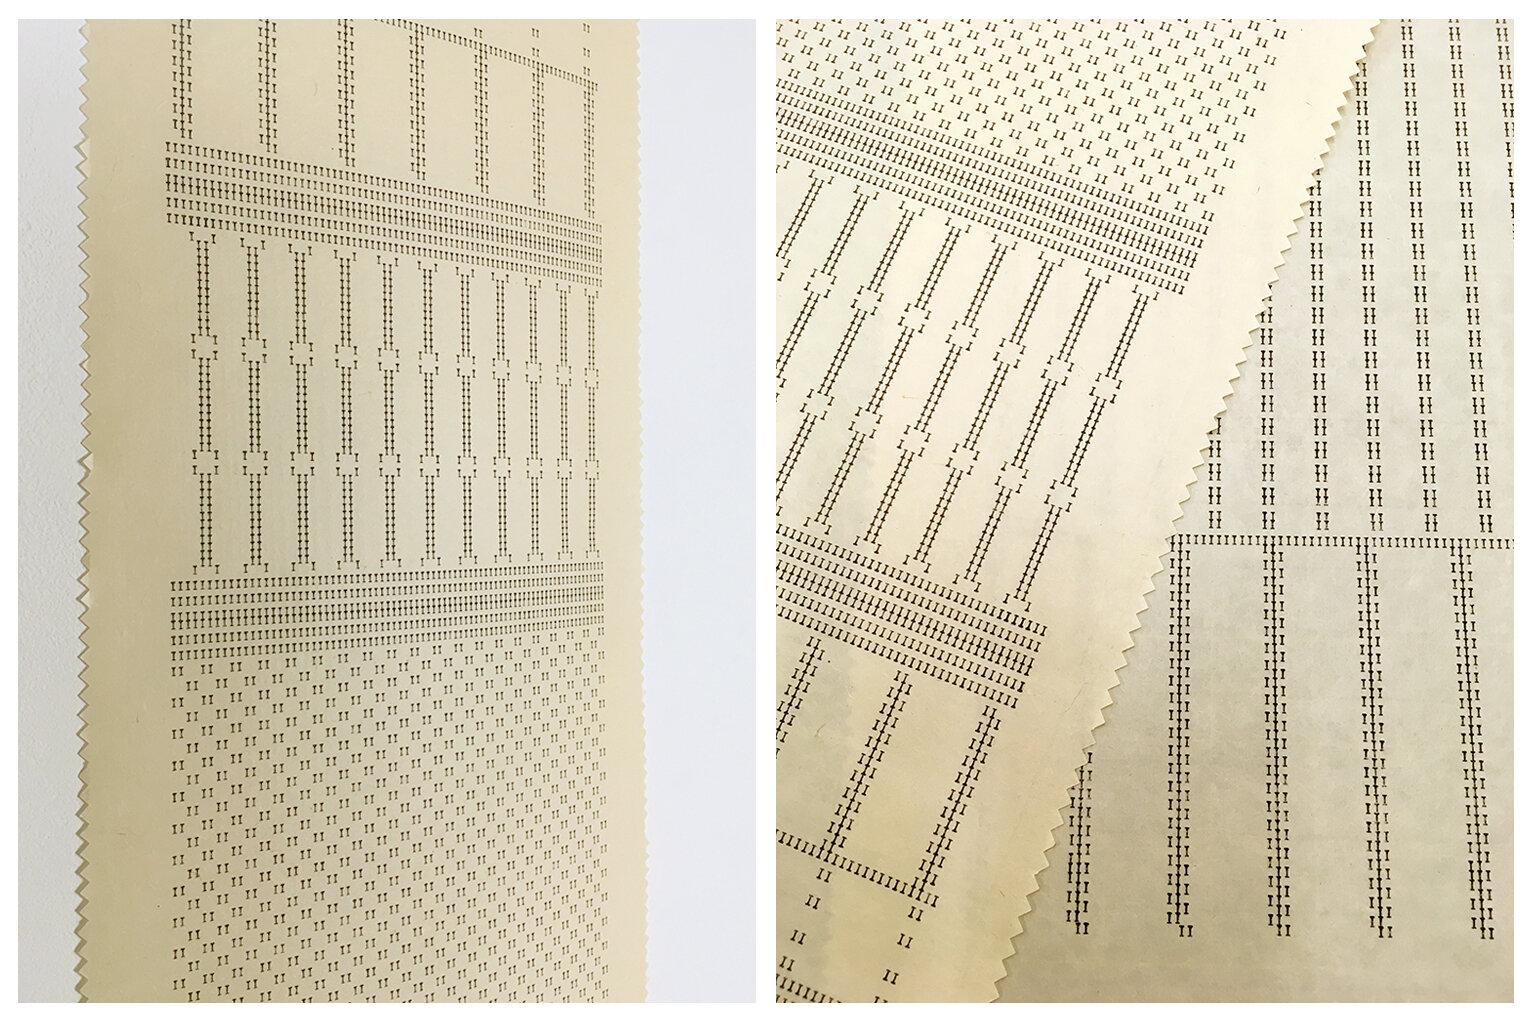 BERGERONcarolineariane_textile3.jpg